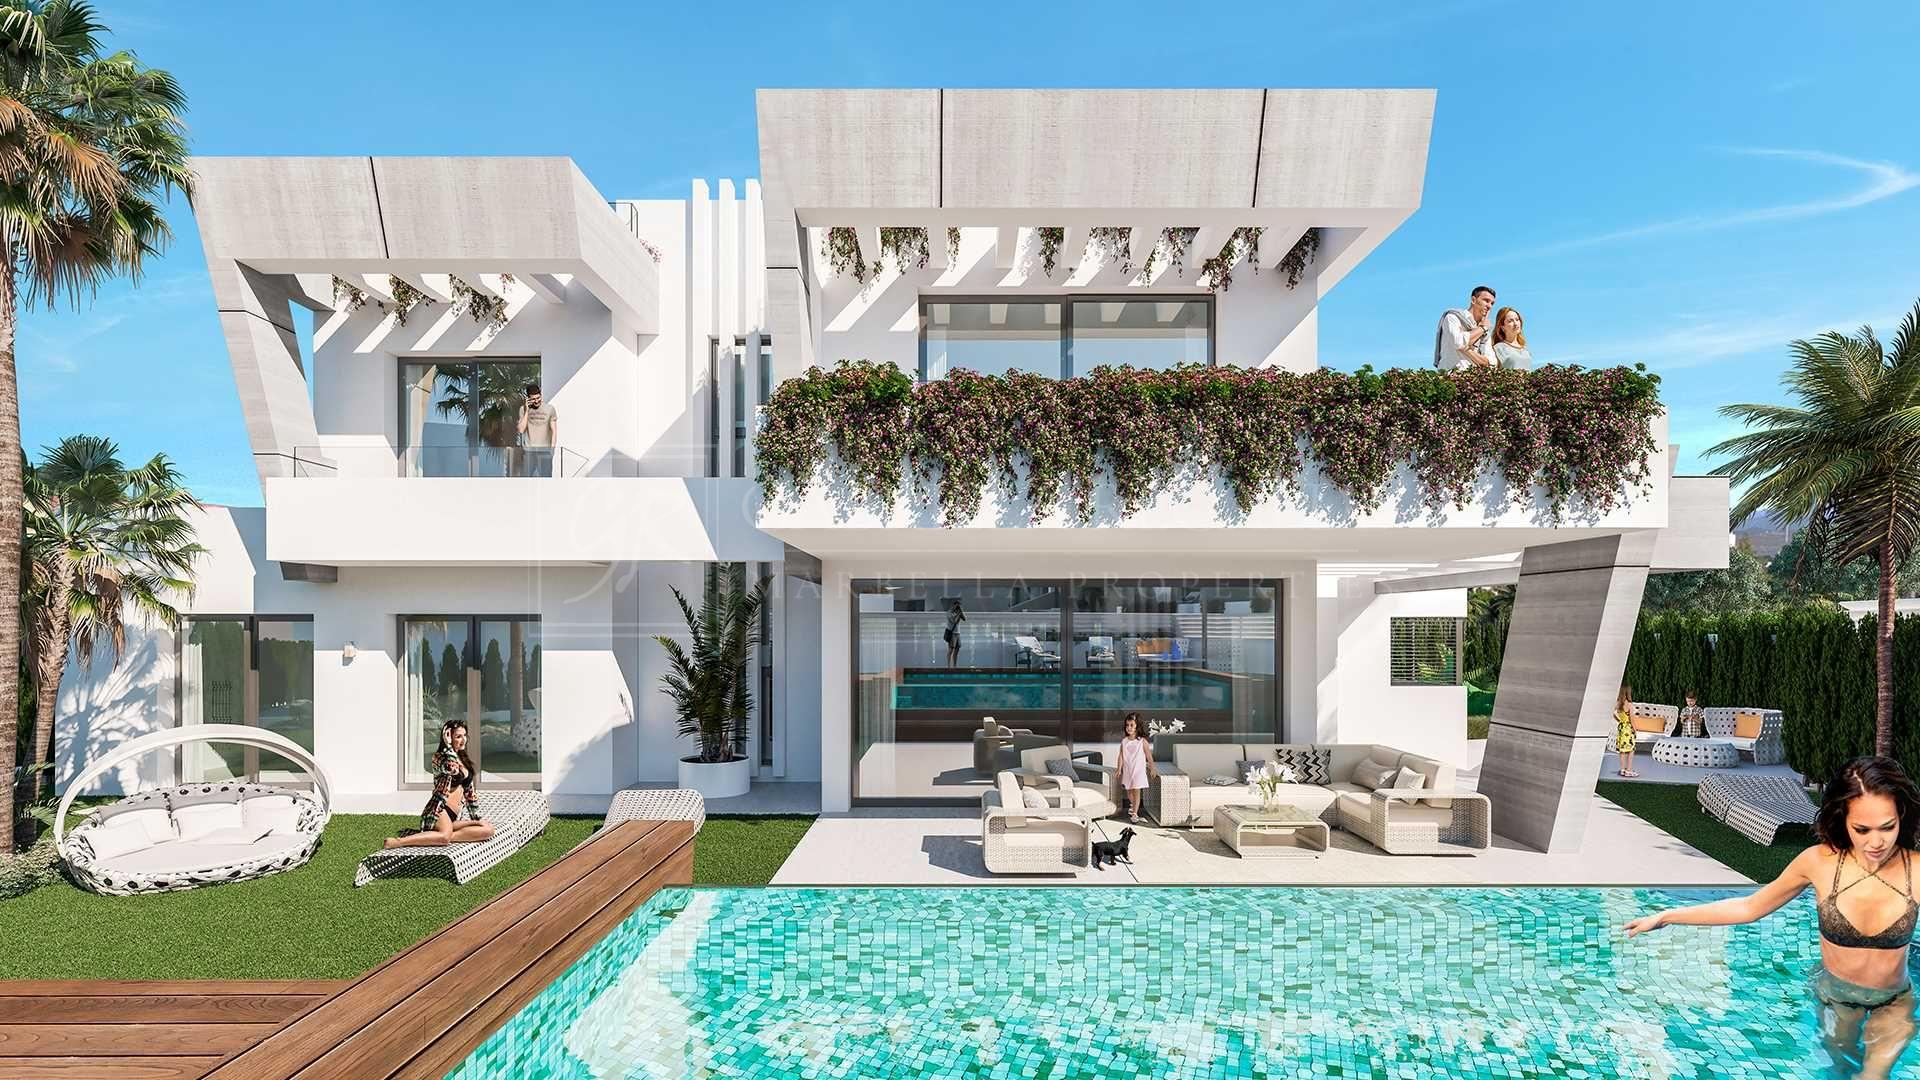 Modernas casas con piscina en la playa de Puerto Banús